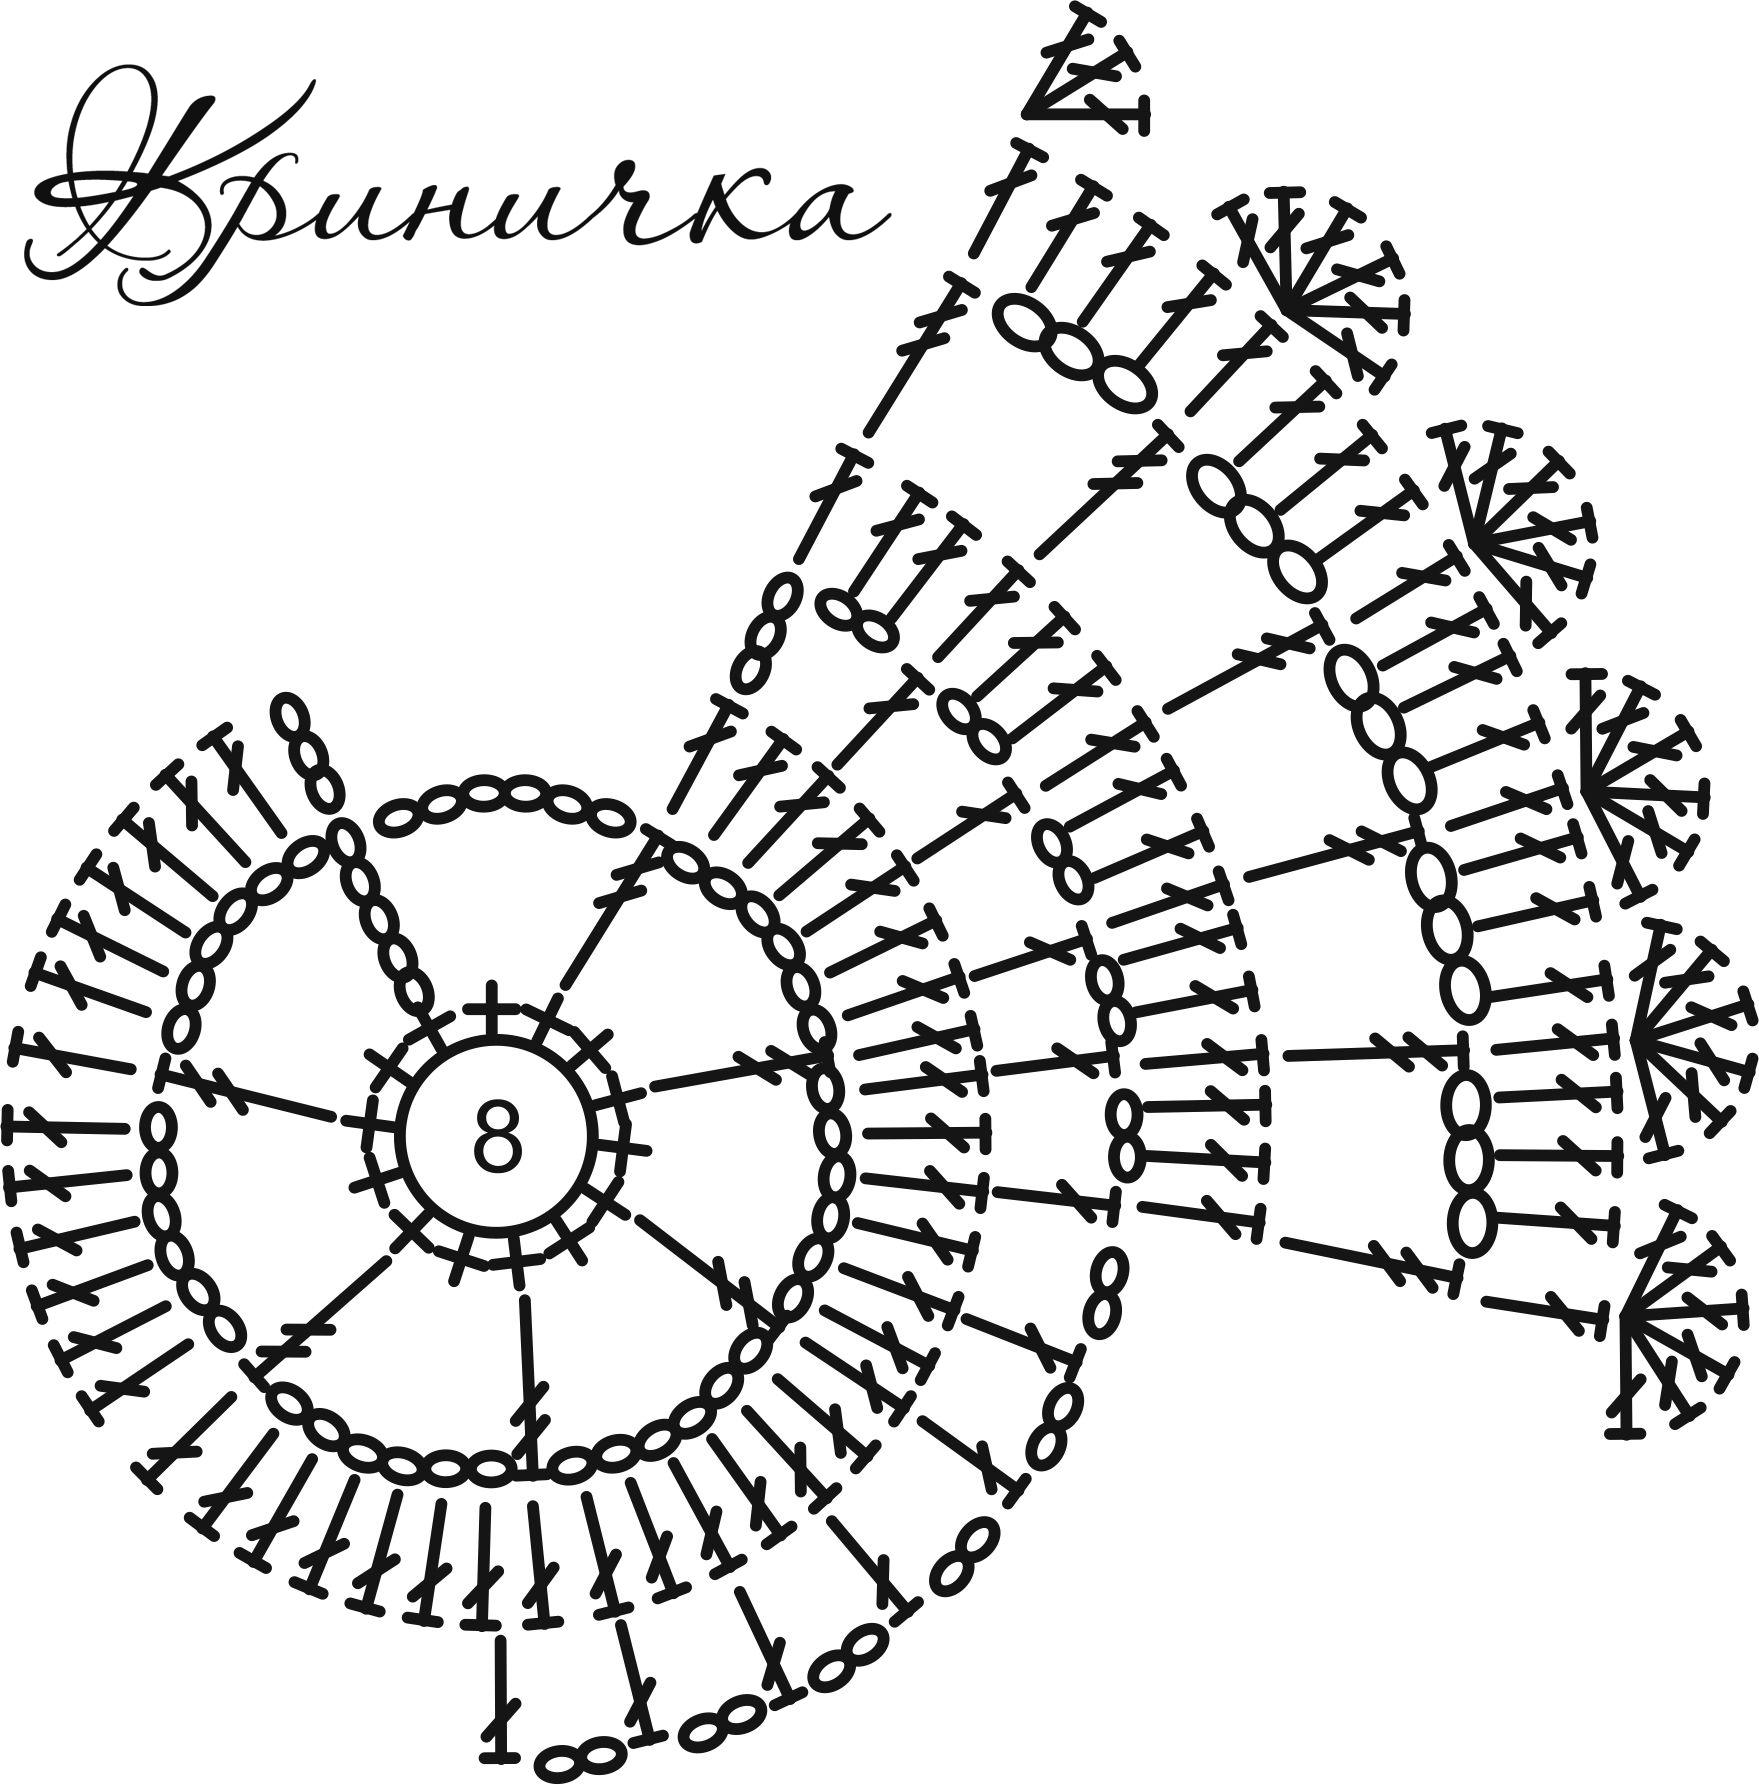 Рисунок для кругового вязания крючком